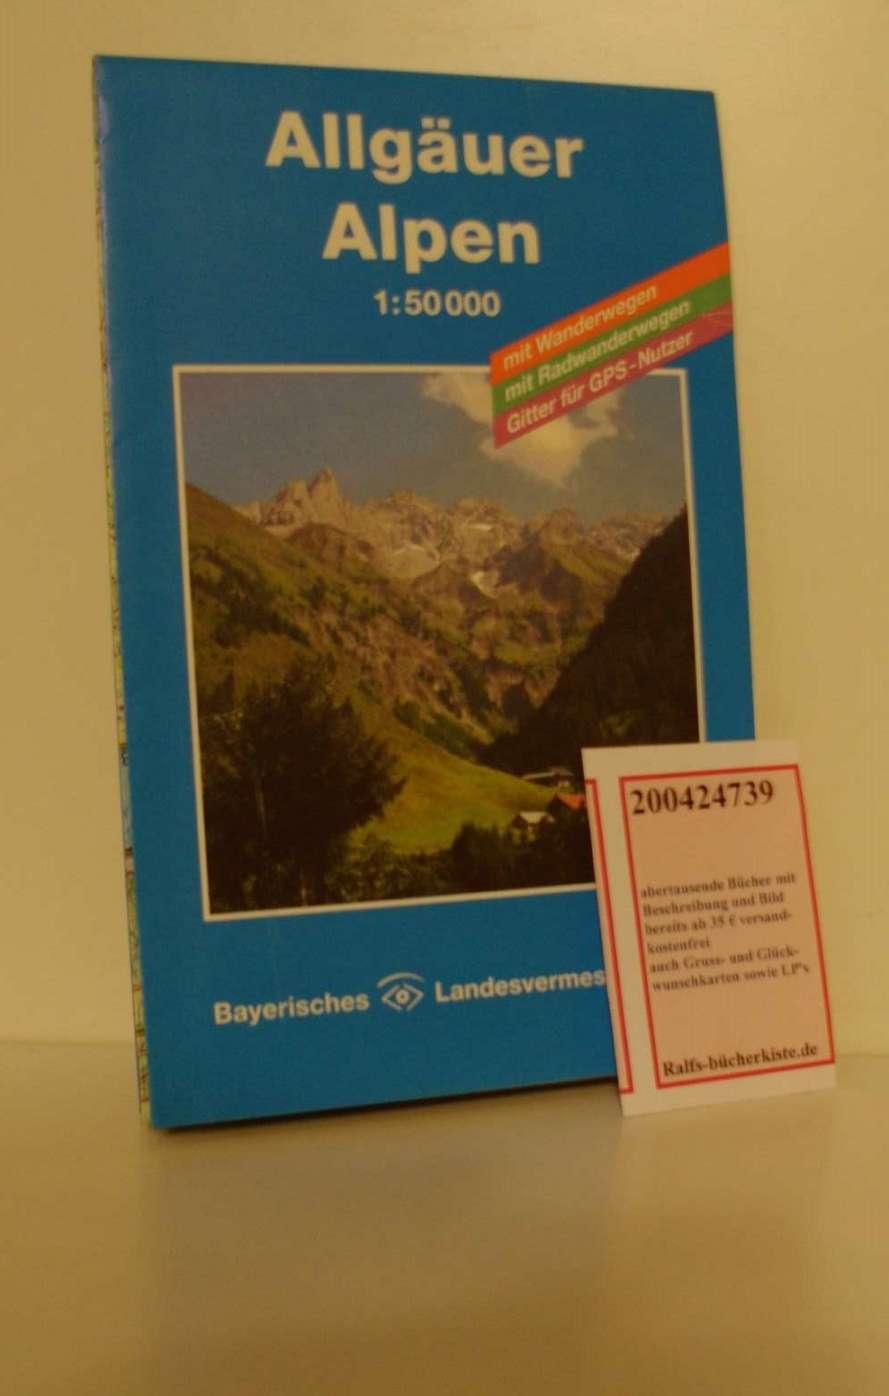 Allgäuer Alpen 1 : 50 000. Topographische Karte mit Wanderwegen, Radwanderwegen und Gitter für GPS-Nutzer - Allgäuer Alpen